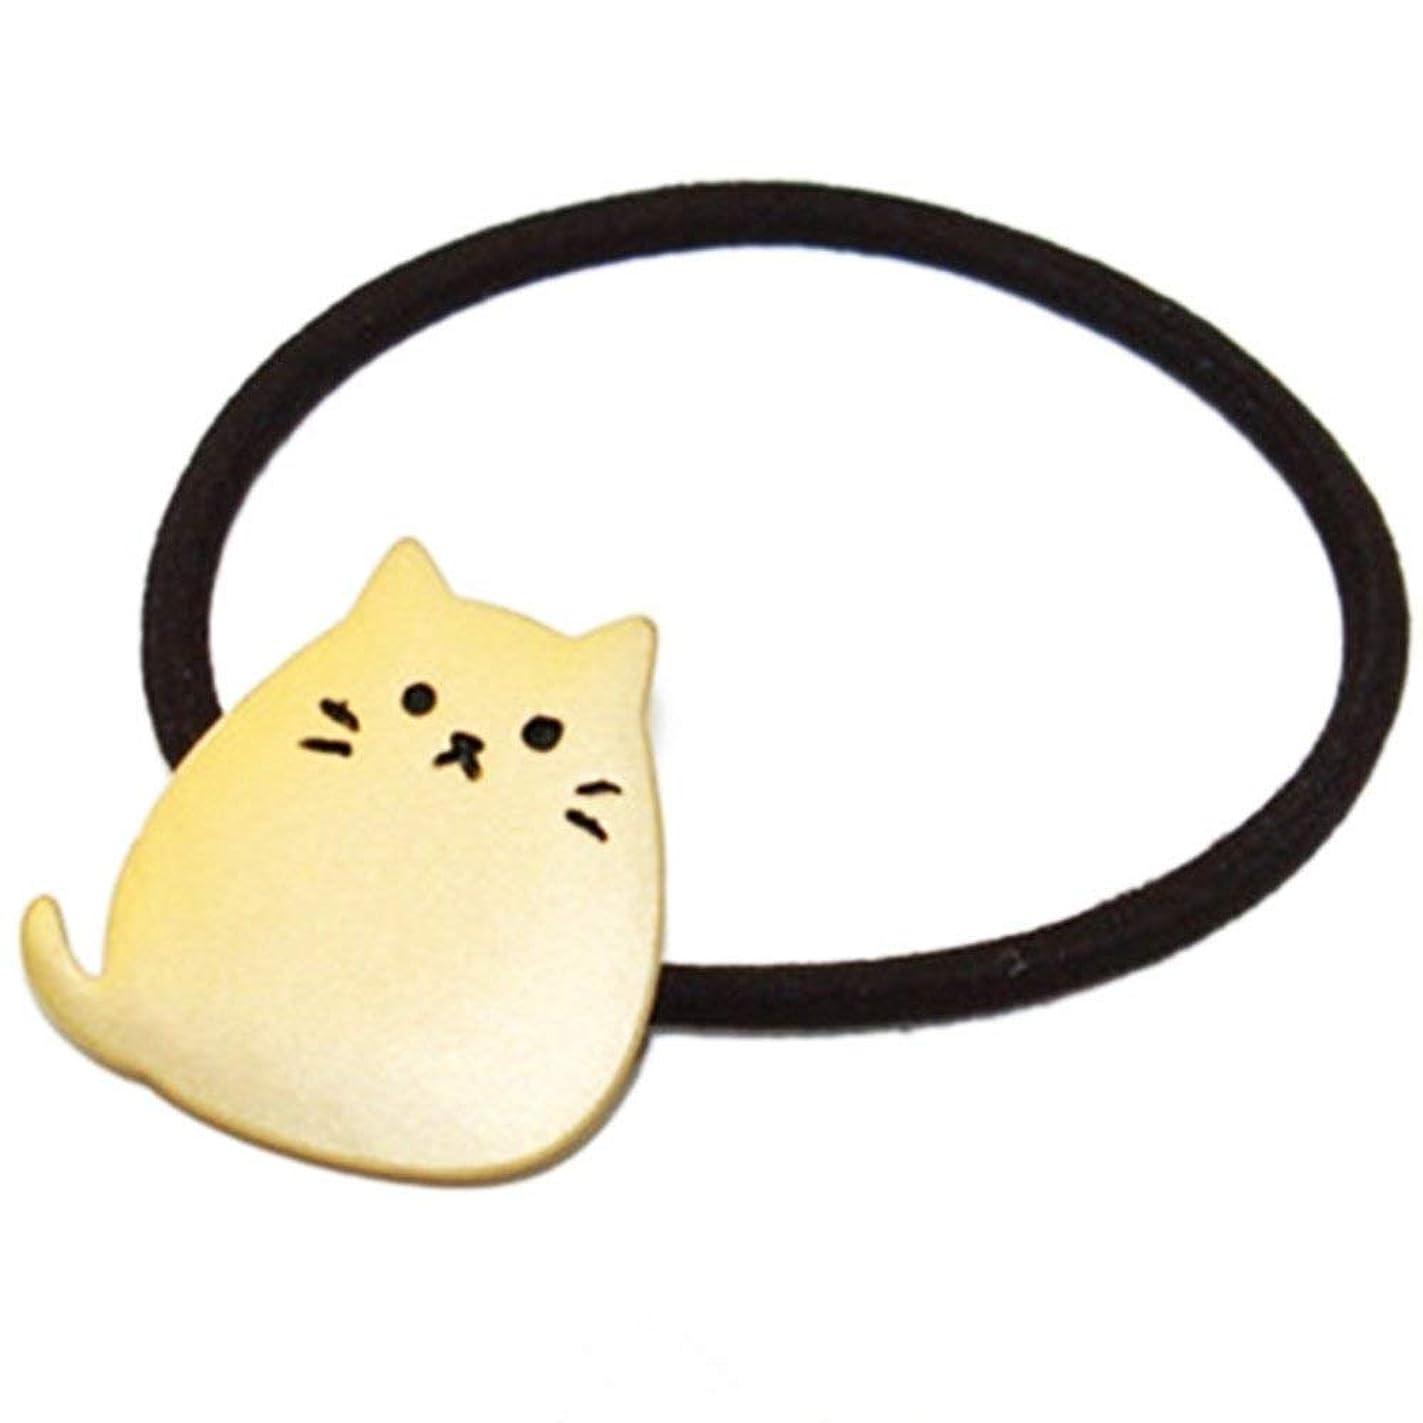 文芸行方不明意気消沈したOnior ヘアロープ 弾性 リボン 髪飾り ヘアネクタイ 猫形 金属 メッキ 1ピース ゴールデン